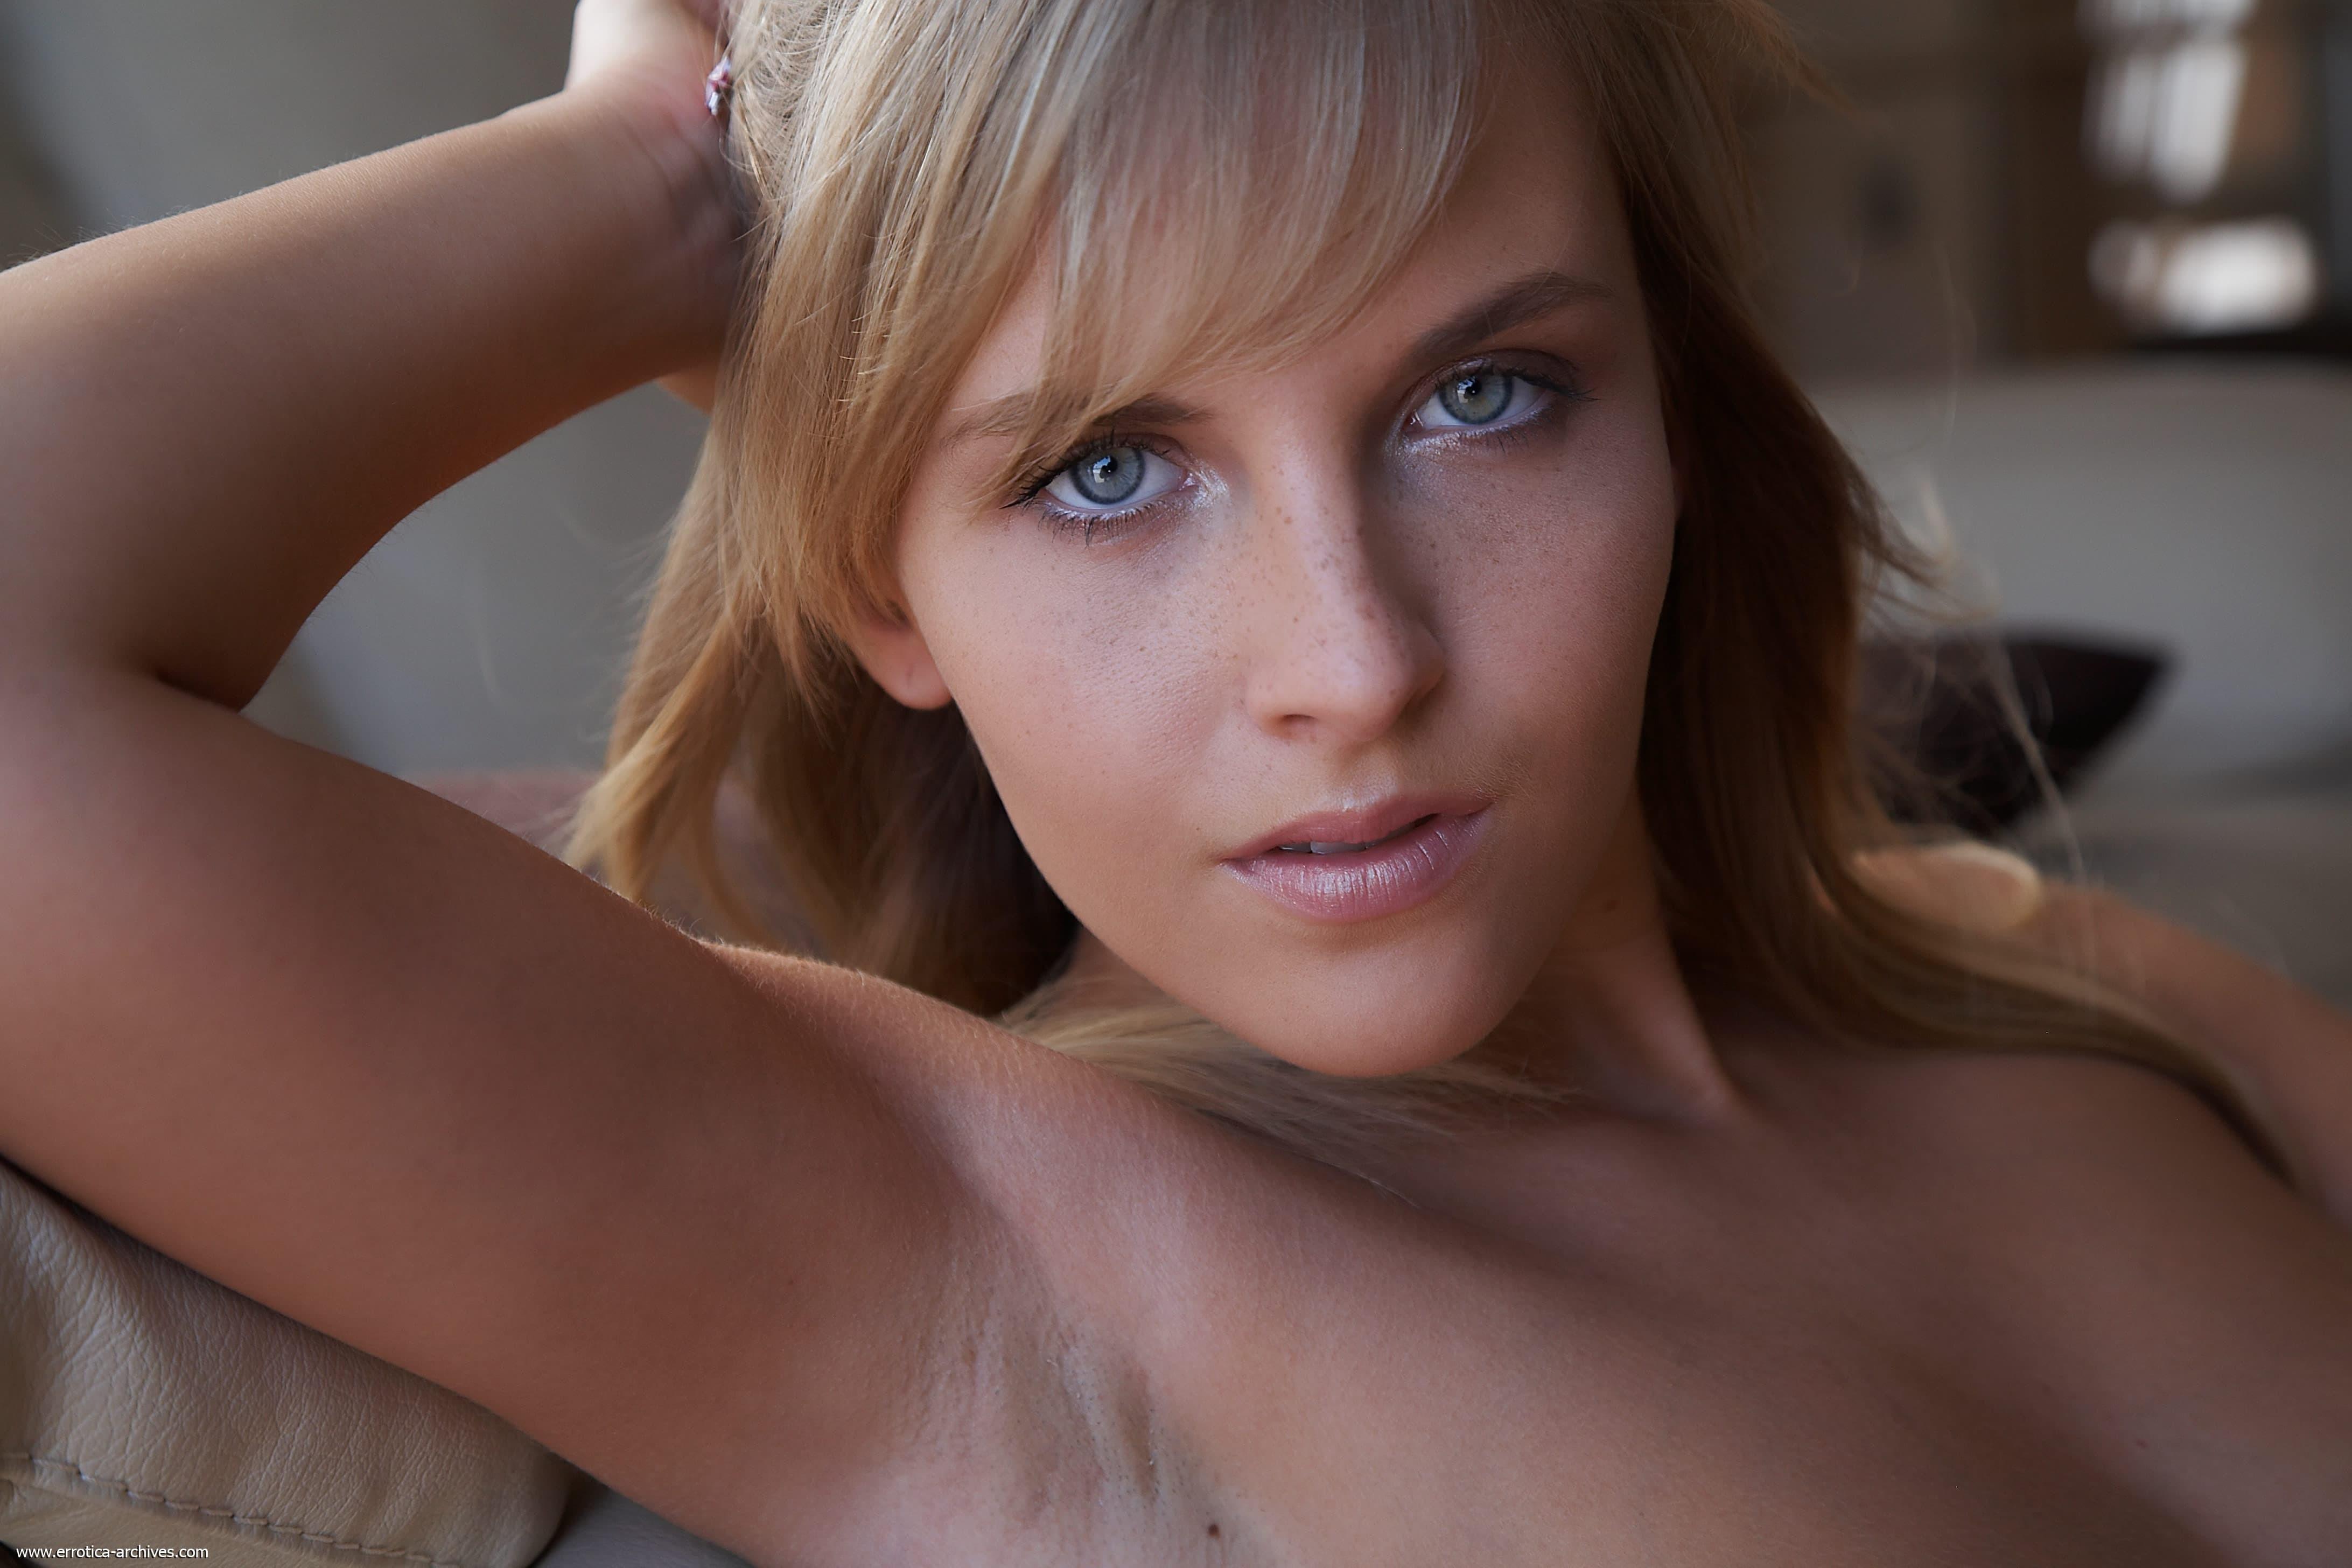 Обнажённая блондинка с крупными сиськами - фото